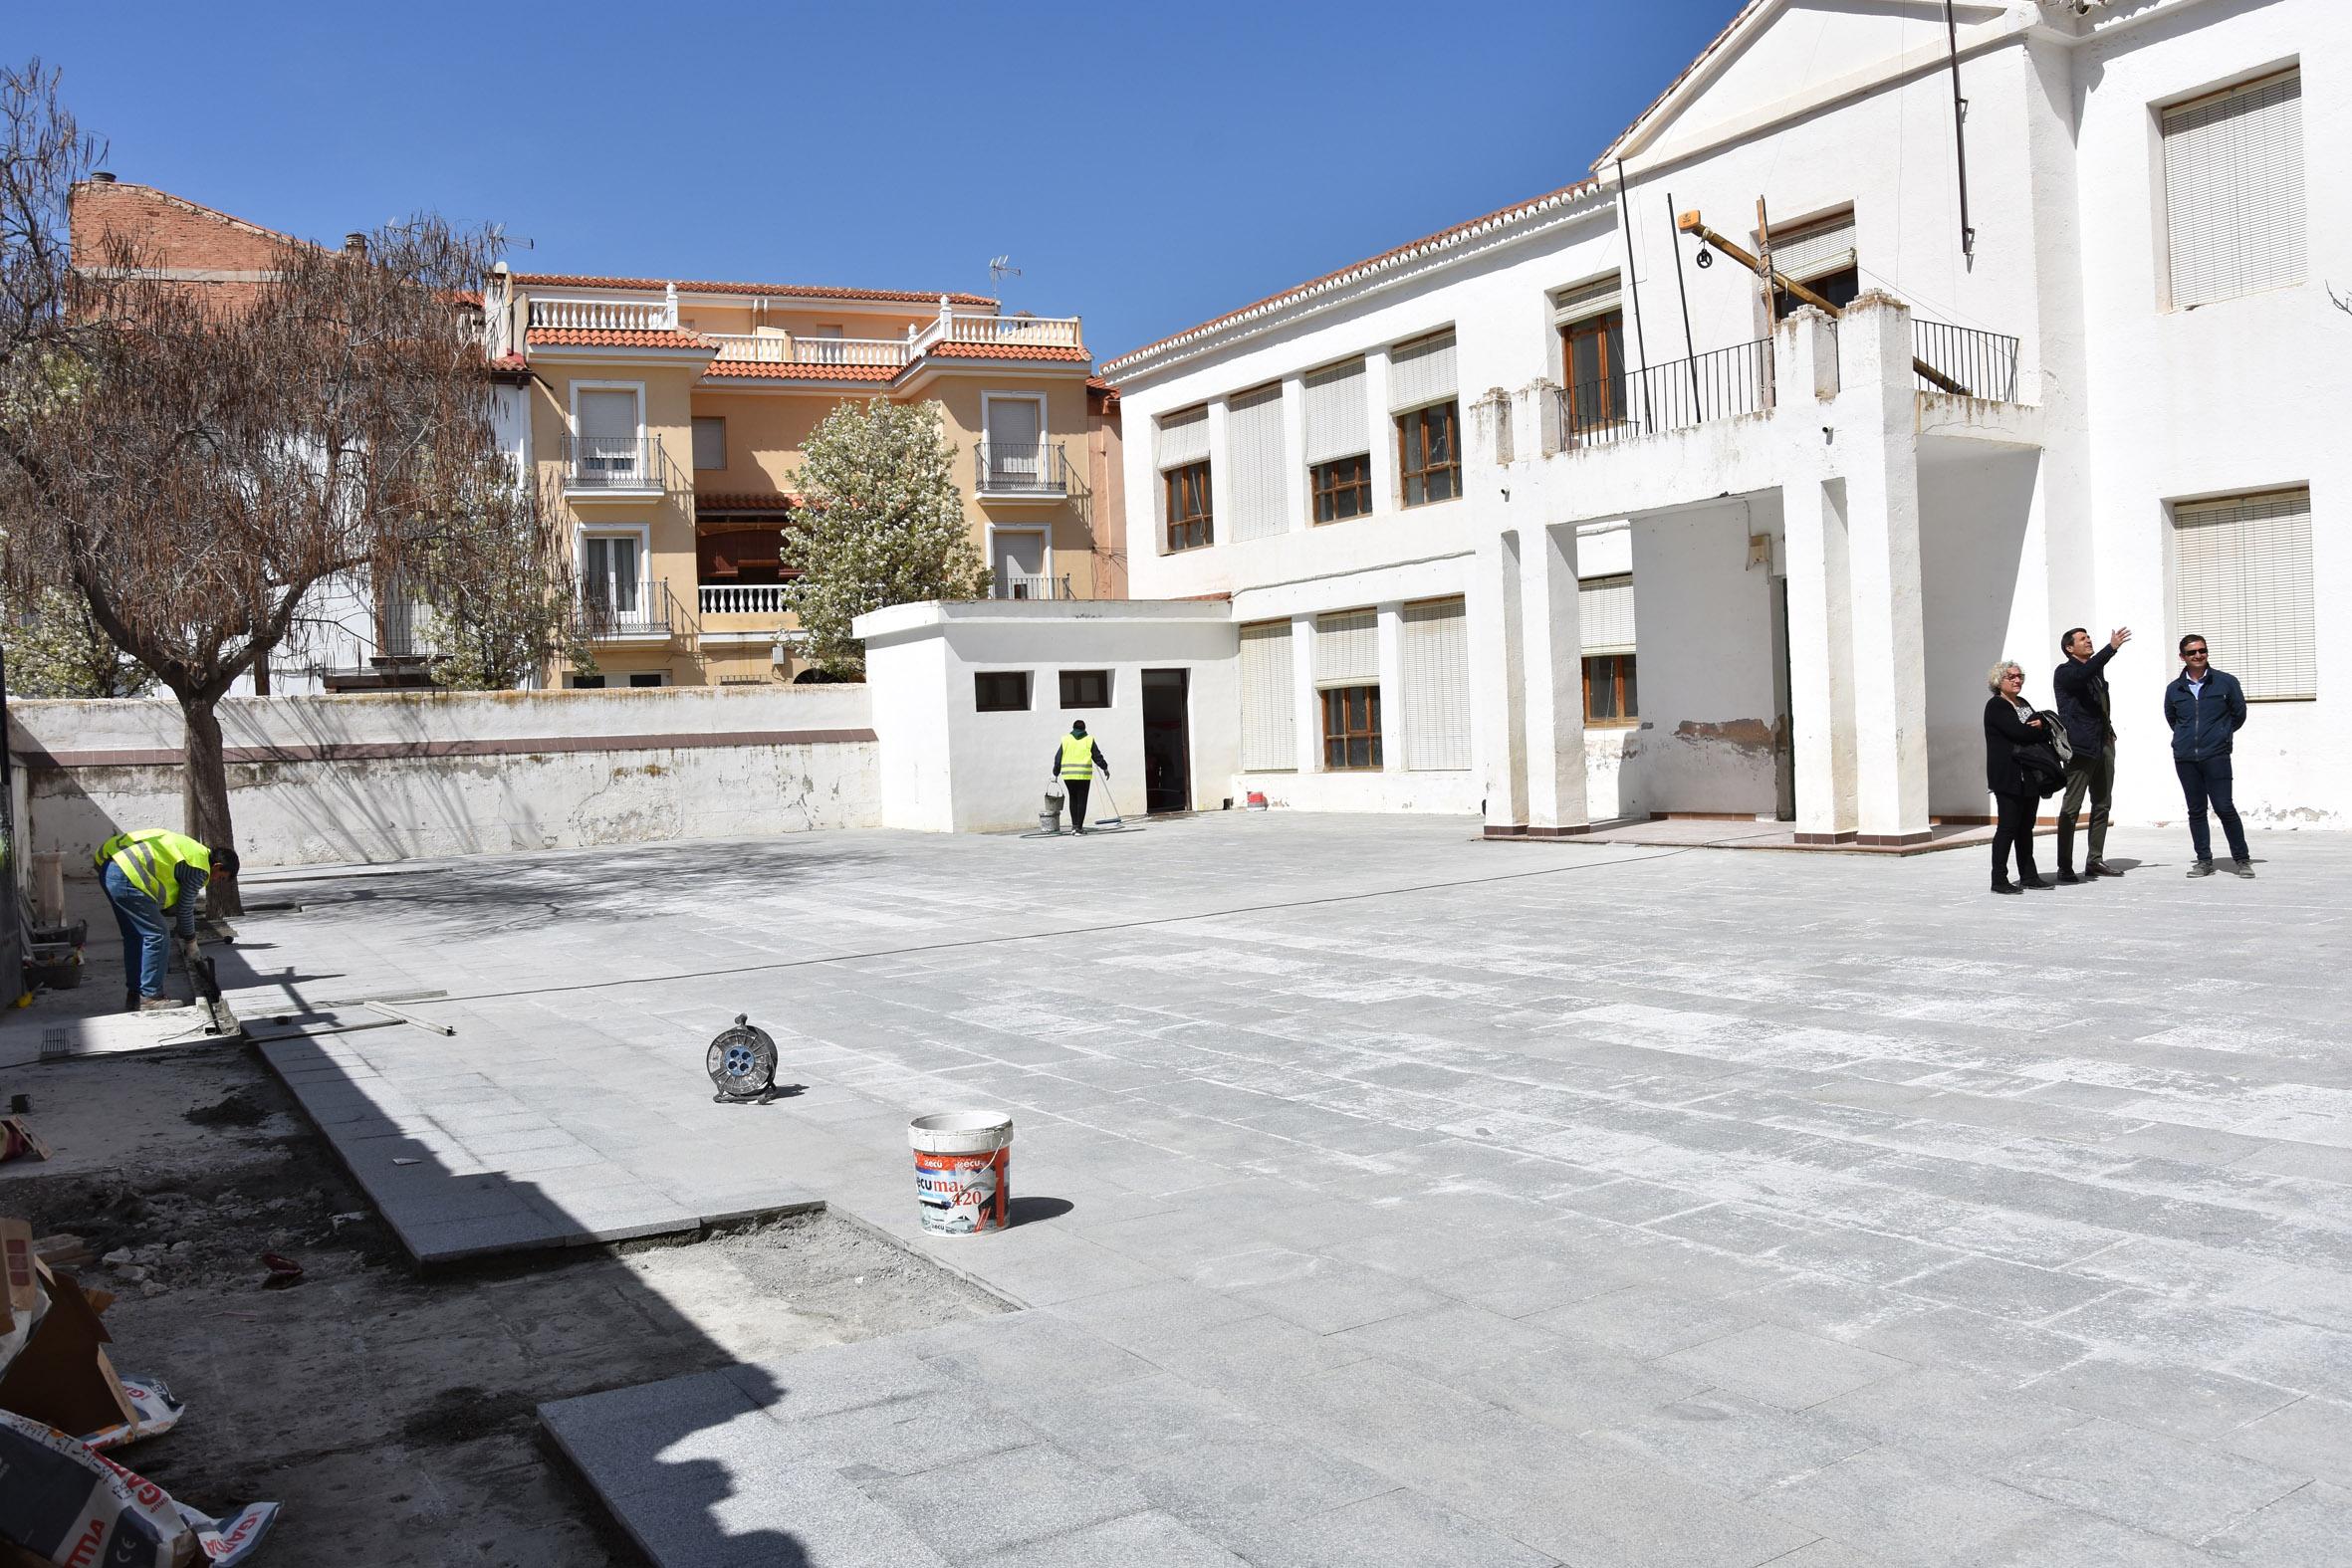 Edificio del antiguo colegio situado en calle Solares